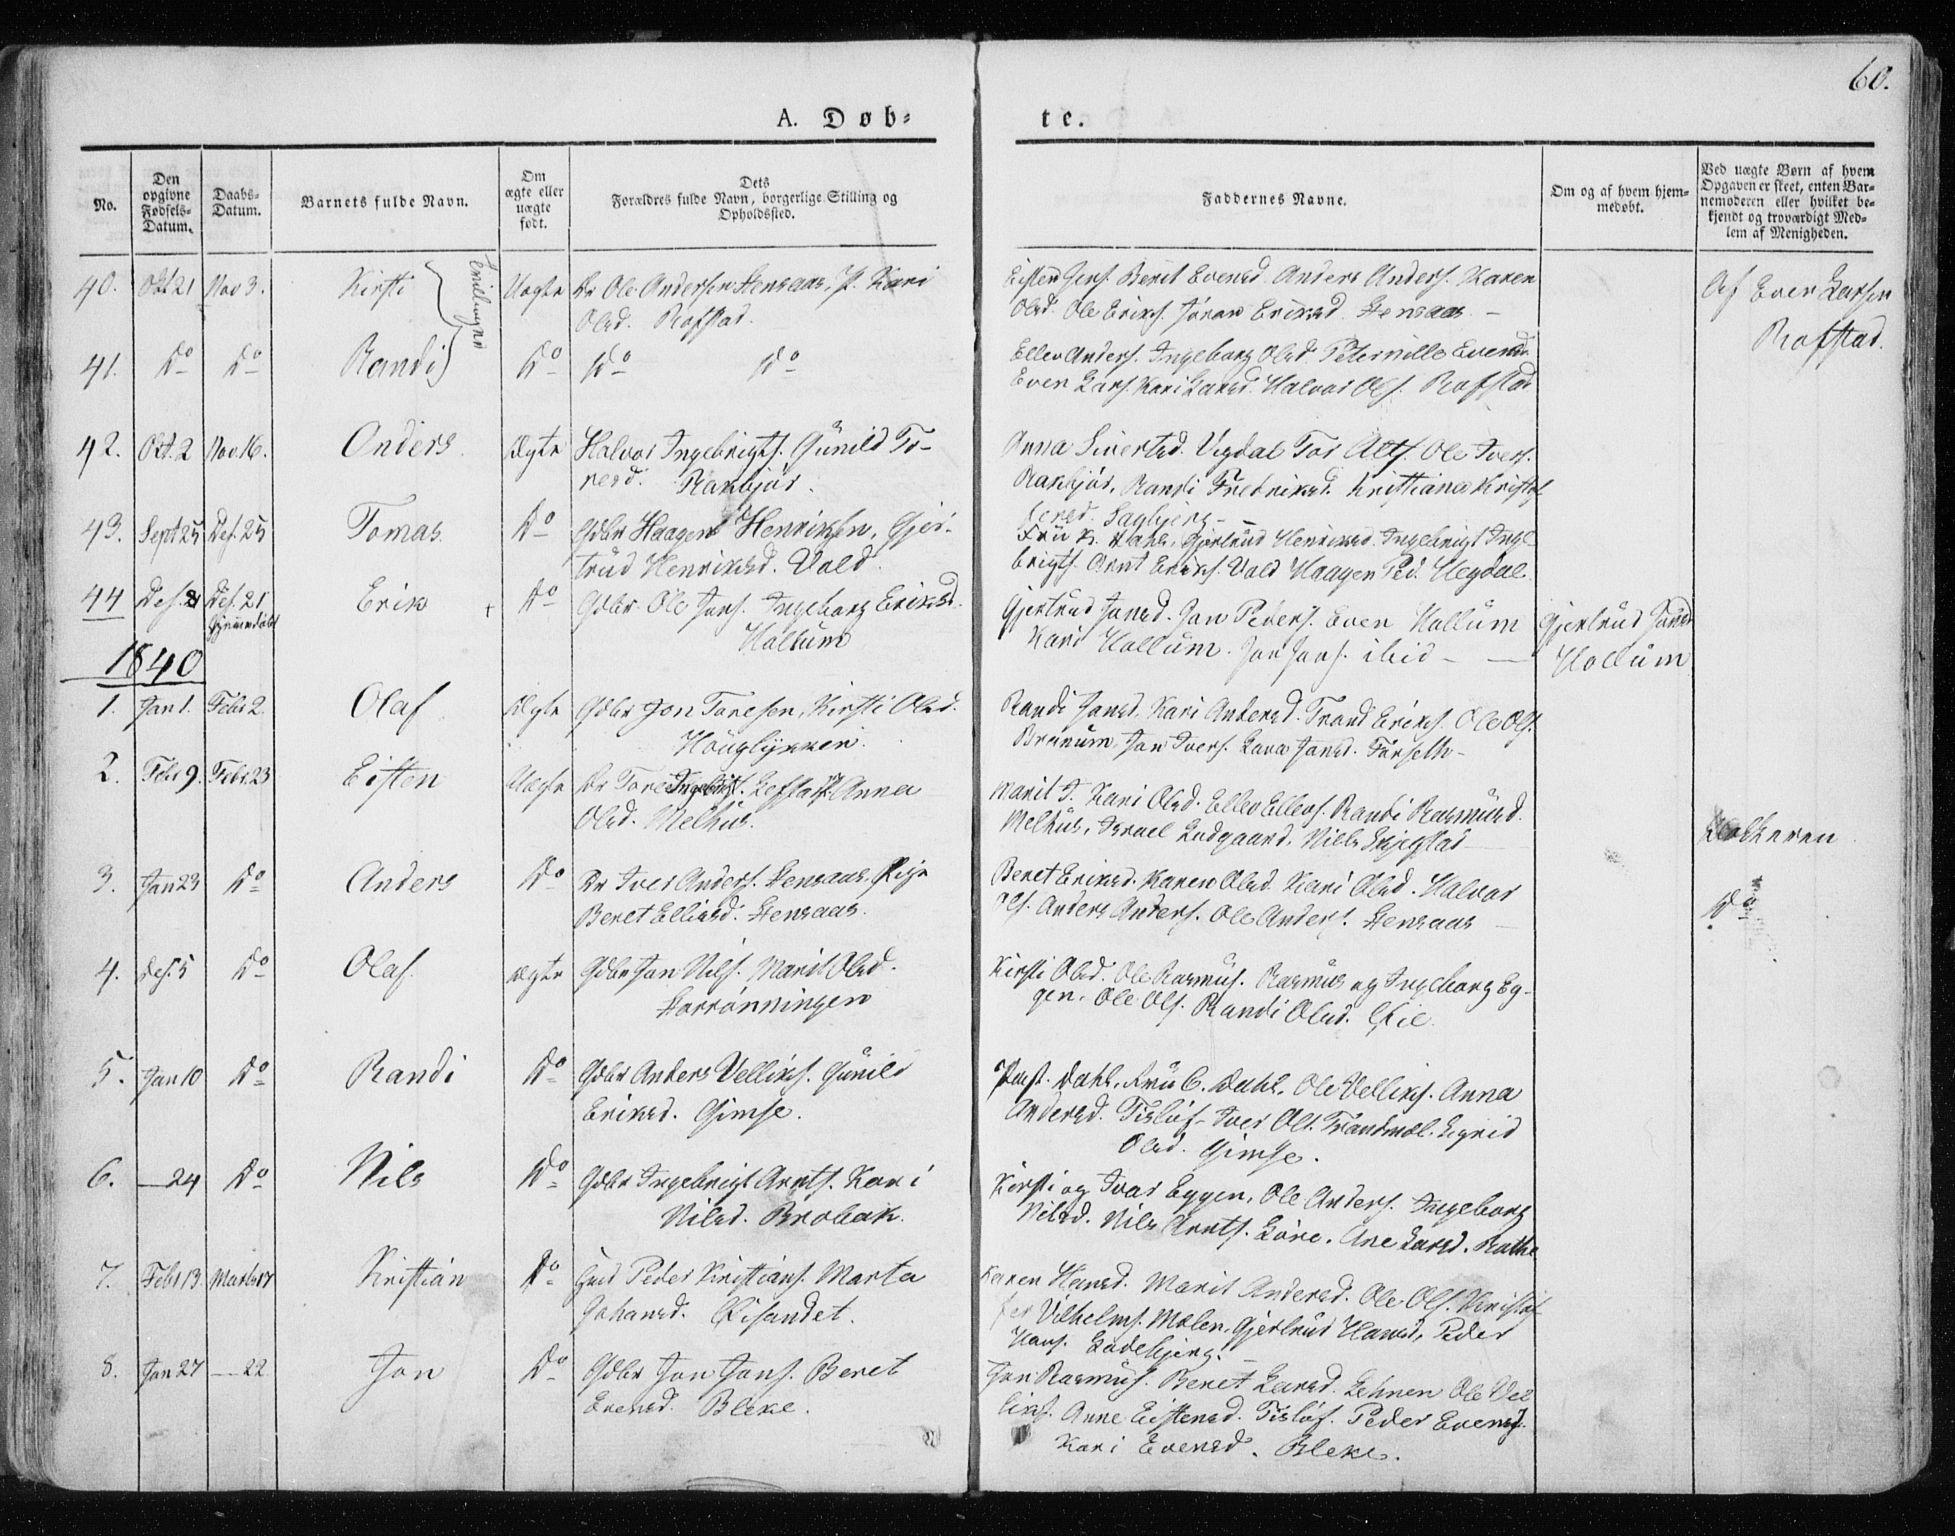 SAT, Ministerialprotokoller, klokkerbøker og fødselsregistre - Sør-Trøndelag, 691/L1069: Ministerialbok nr. 691A04, 1826-1841, s. 60